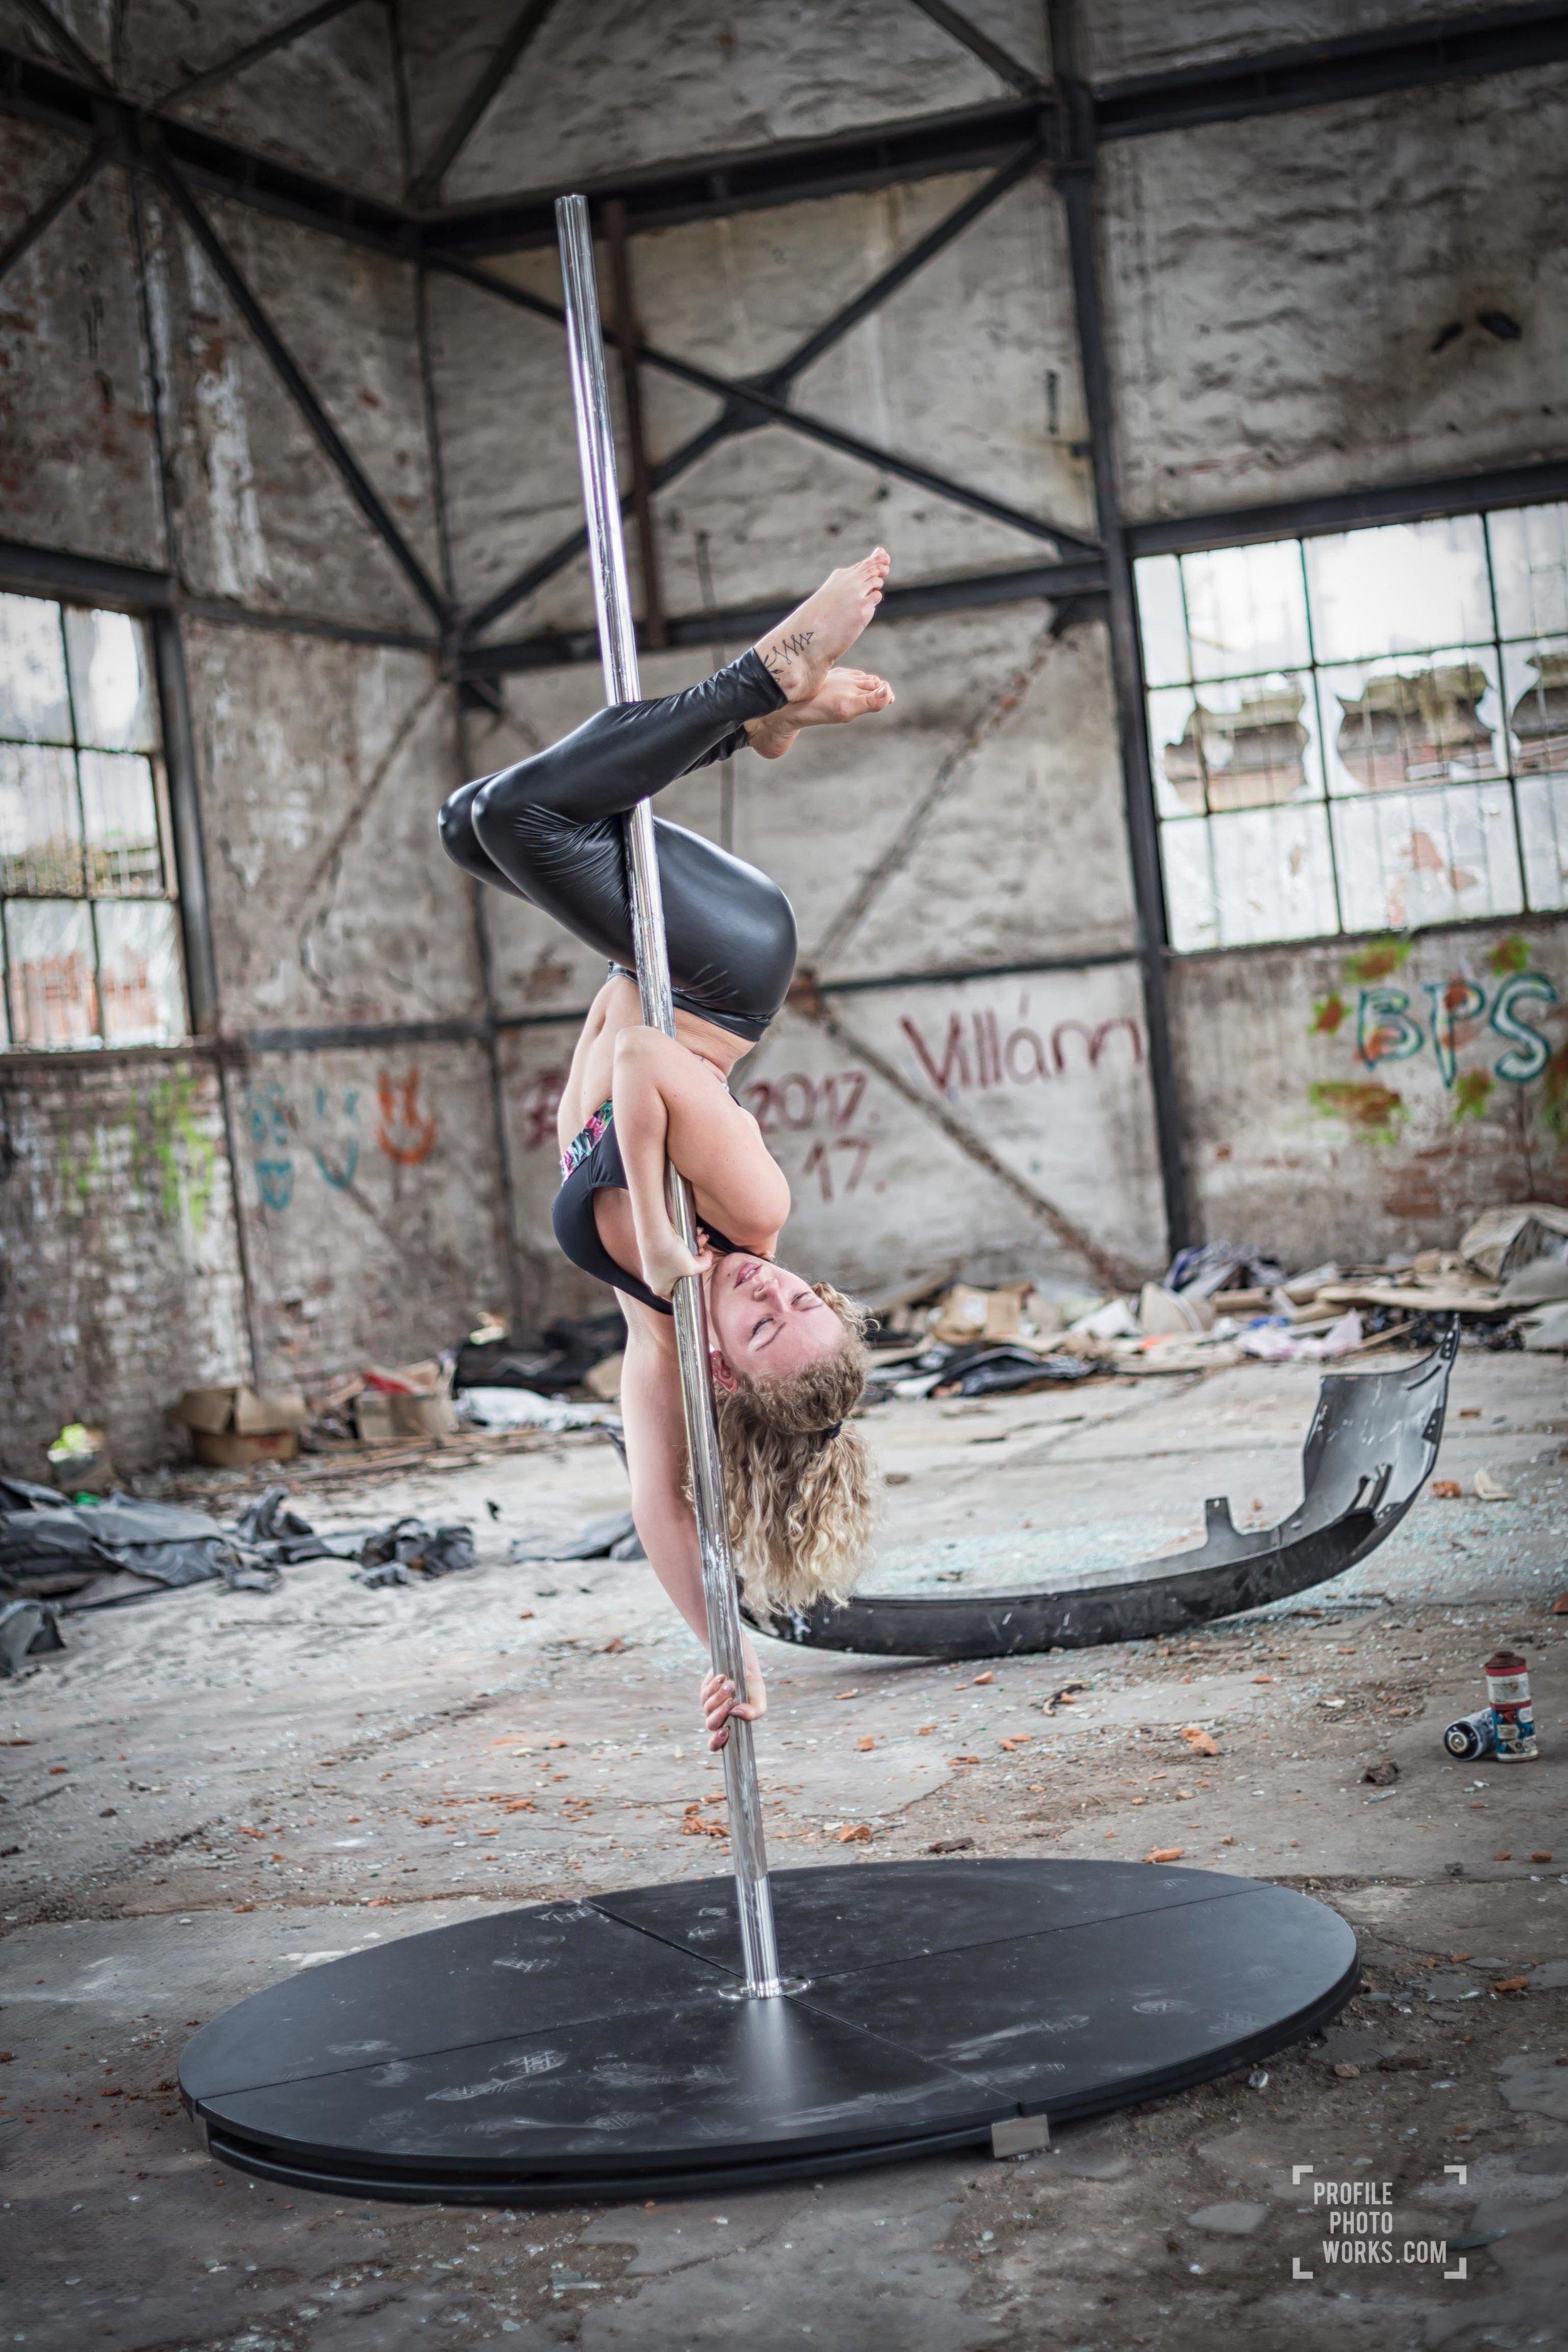 #2018   #poledancephotography   #favouriteplace   #hungarianpoledancer  #factorypoledance #gyartelepfotozas #rúdtáncfotózás